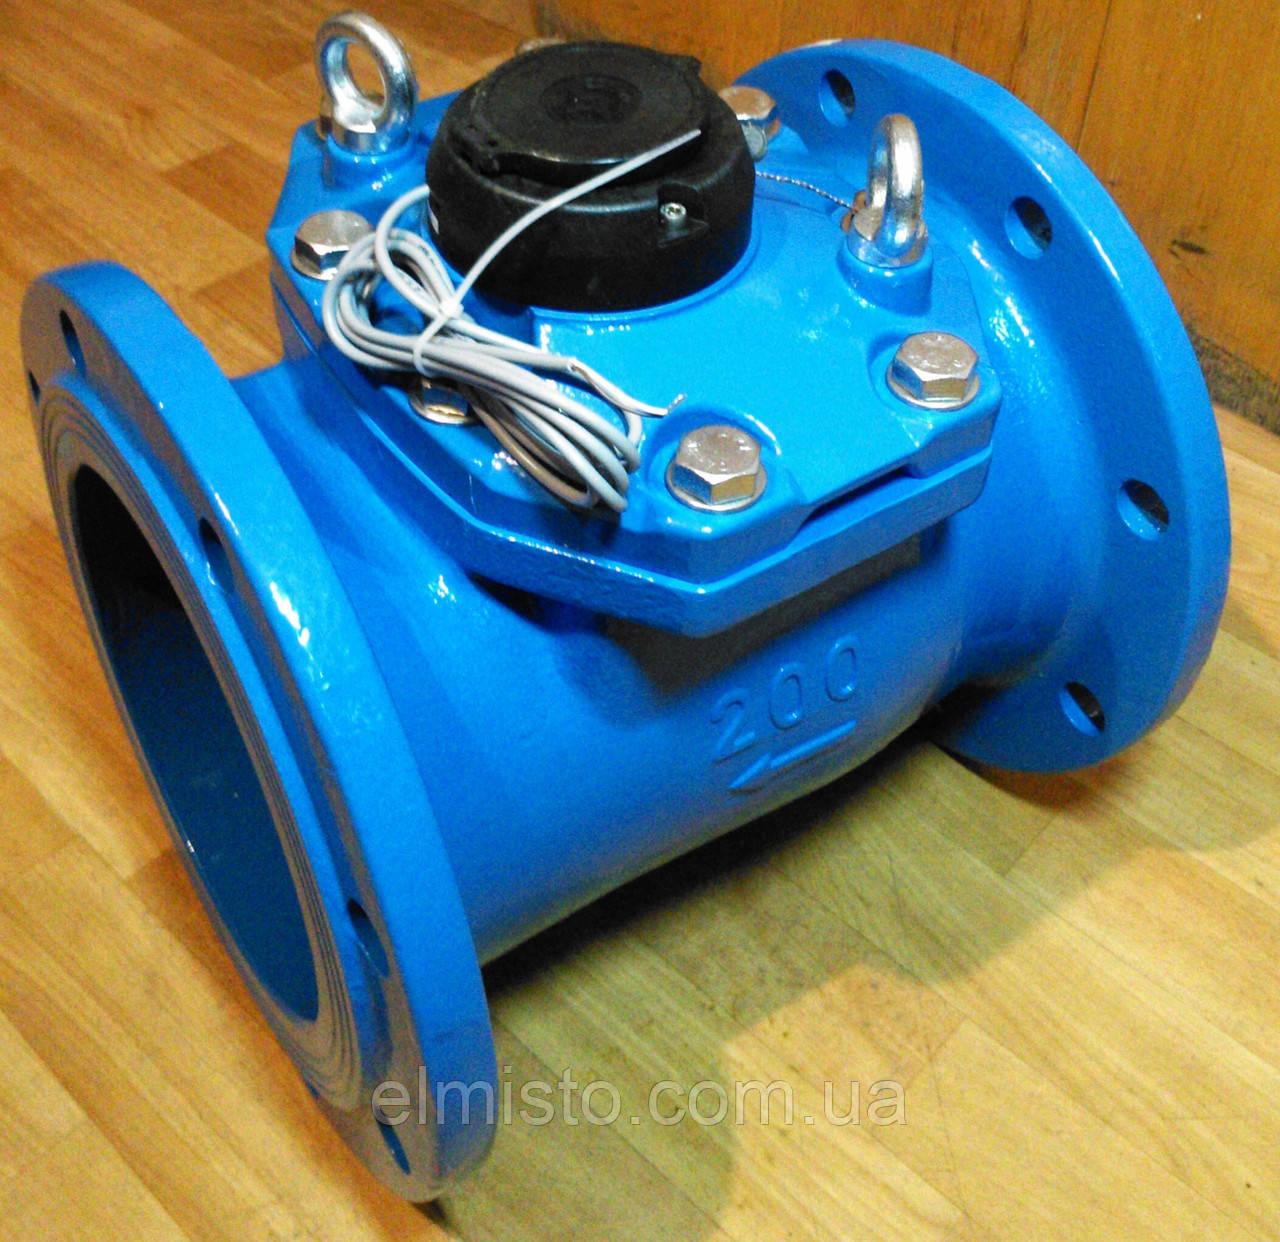 Водосчетчик Apator PoWoGaz MWN-200-NK (ХВ) с импульсным выходом турбинный Ду-200 сухоход промышленный